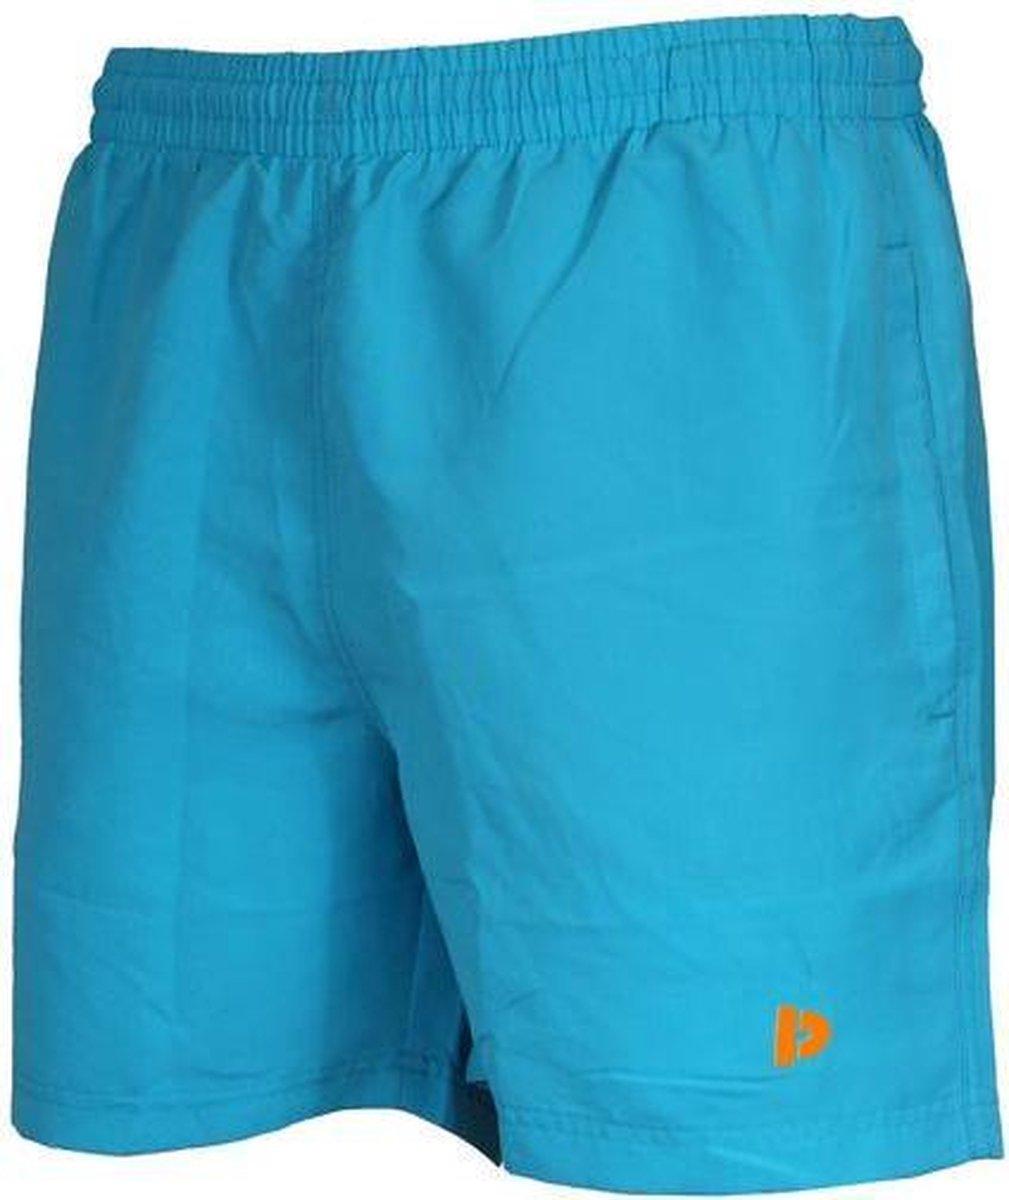 Donnay Zwemshort kort - Sportshort - Heren - Maat 5XL - Lichtblauw